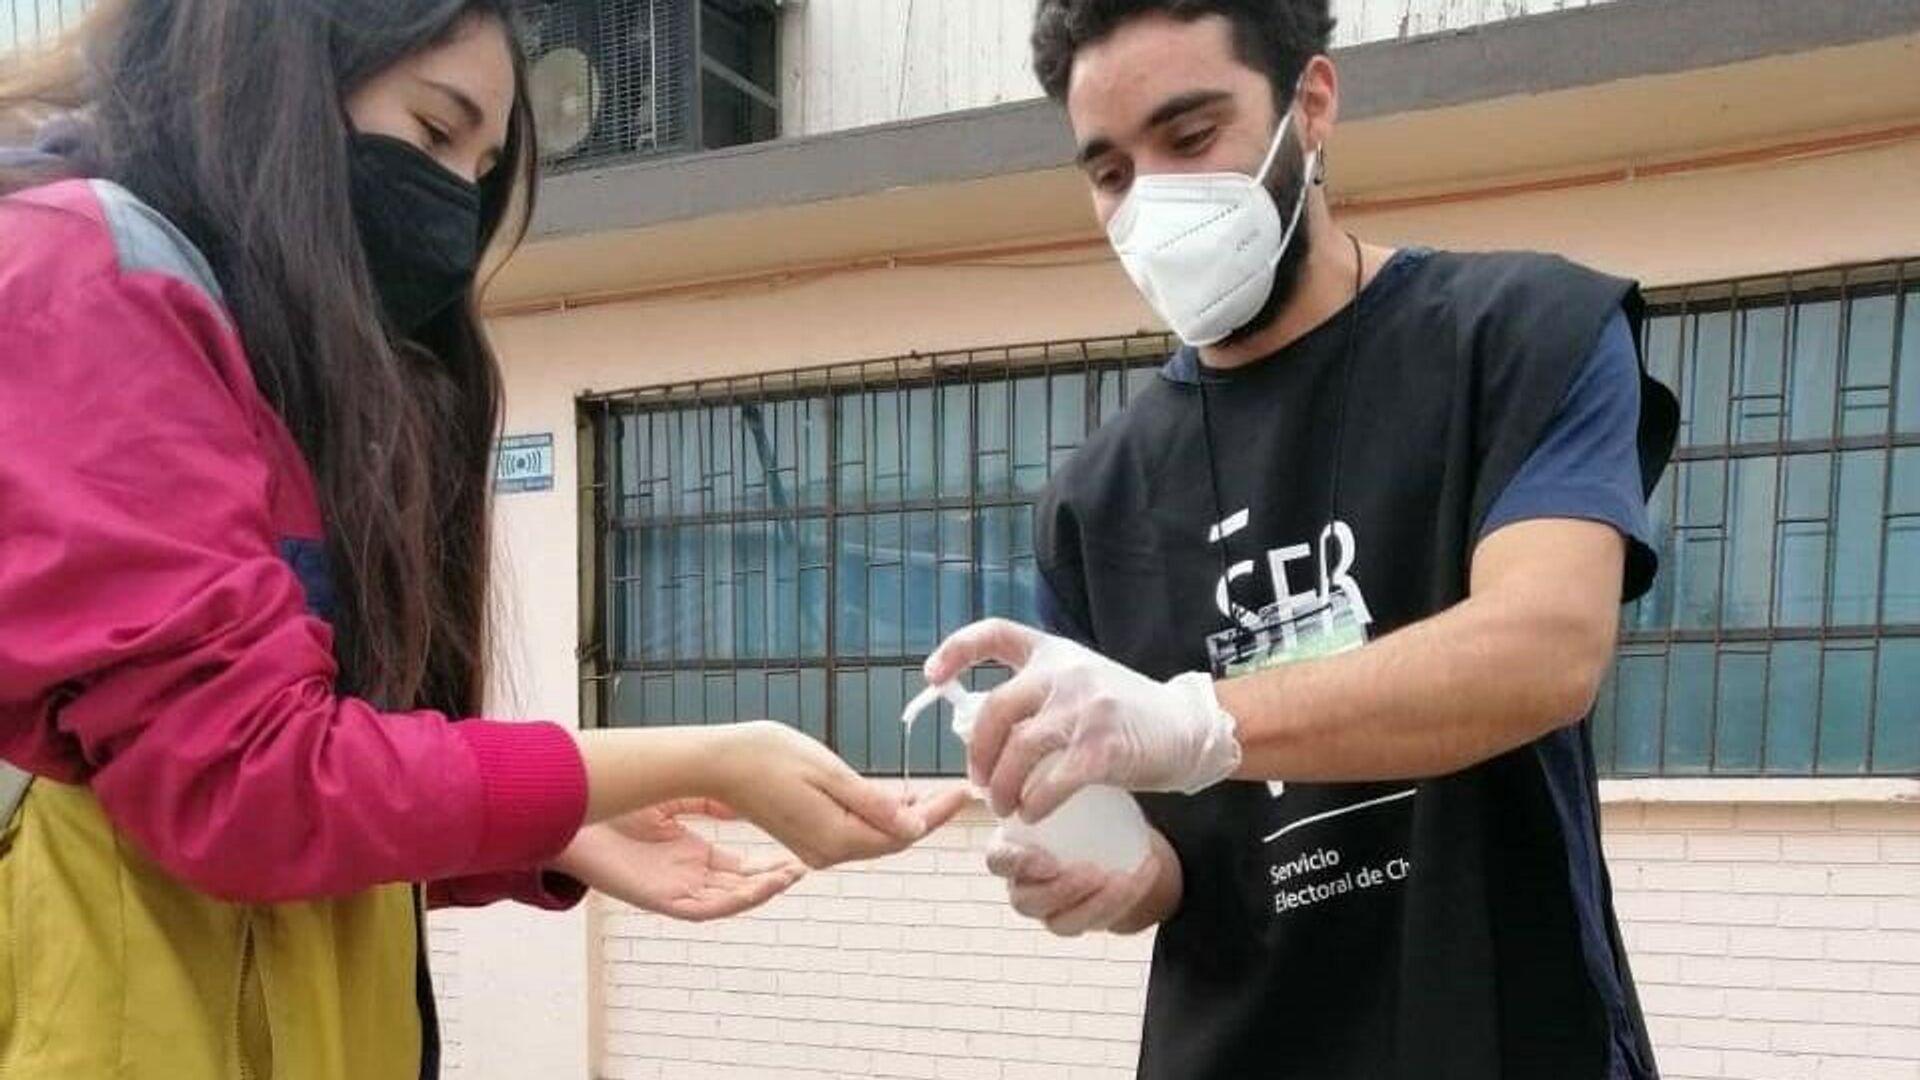 El protocolo de sanitización es estricto en los locales de votación en Chile. Mascarilla, alcohol gel y distanciamiento social para prevenir el COVID-19    - Sputnik Mundo, 1920, 14.10.2021